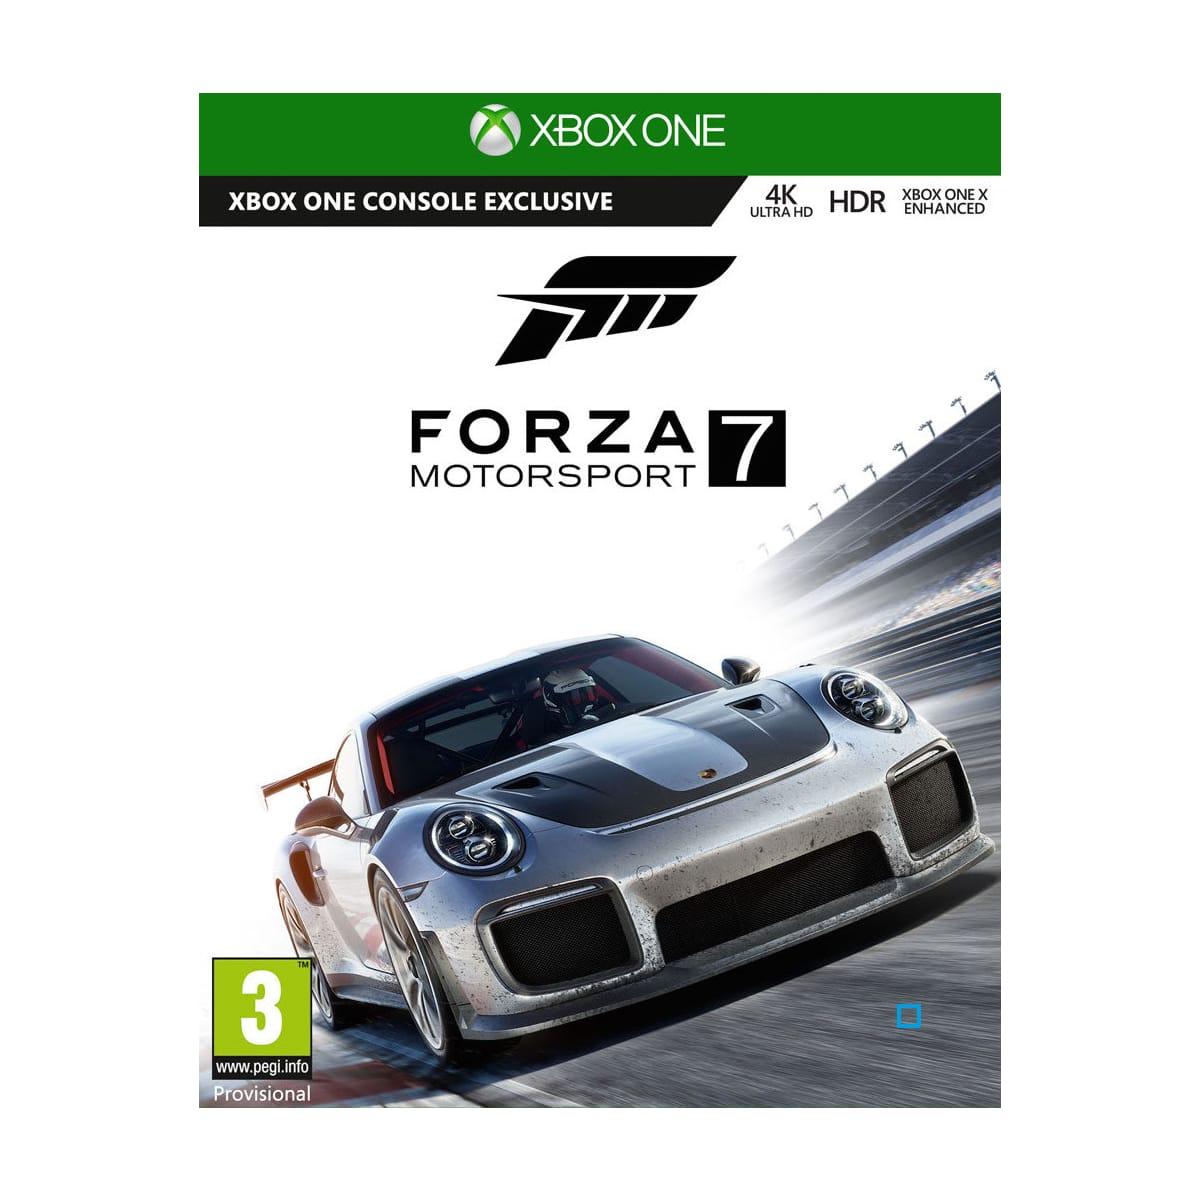 Sélection de Jeux en Promotion - Ex: La Terre du Milieu L'Ombre de la Guerre sur PS4 ou Xbox One à 34,99€ & Forza Motorsport 7 sur Xbox One